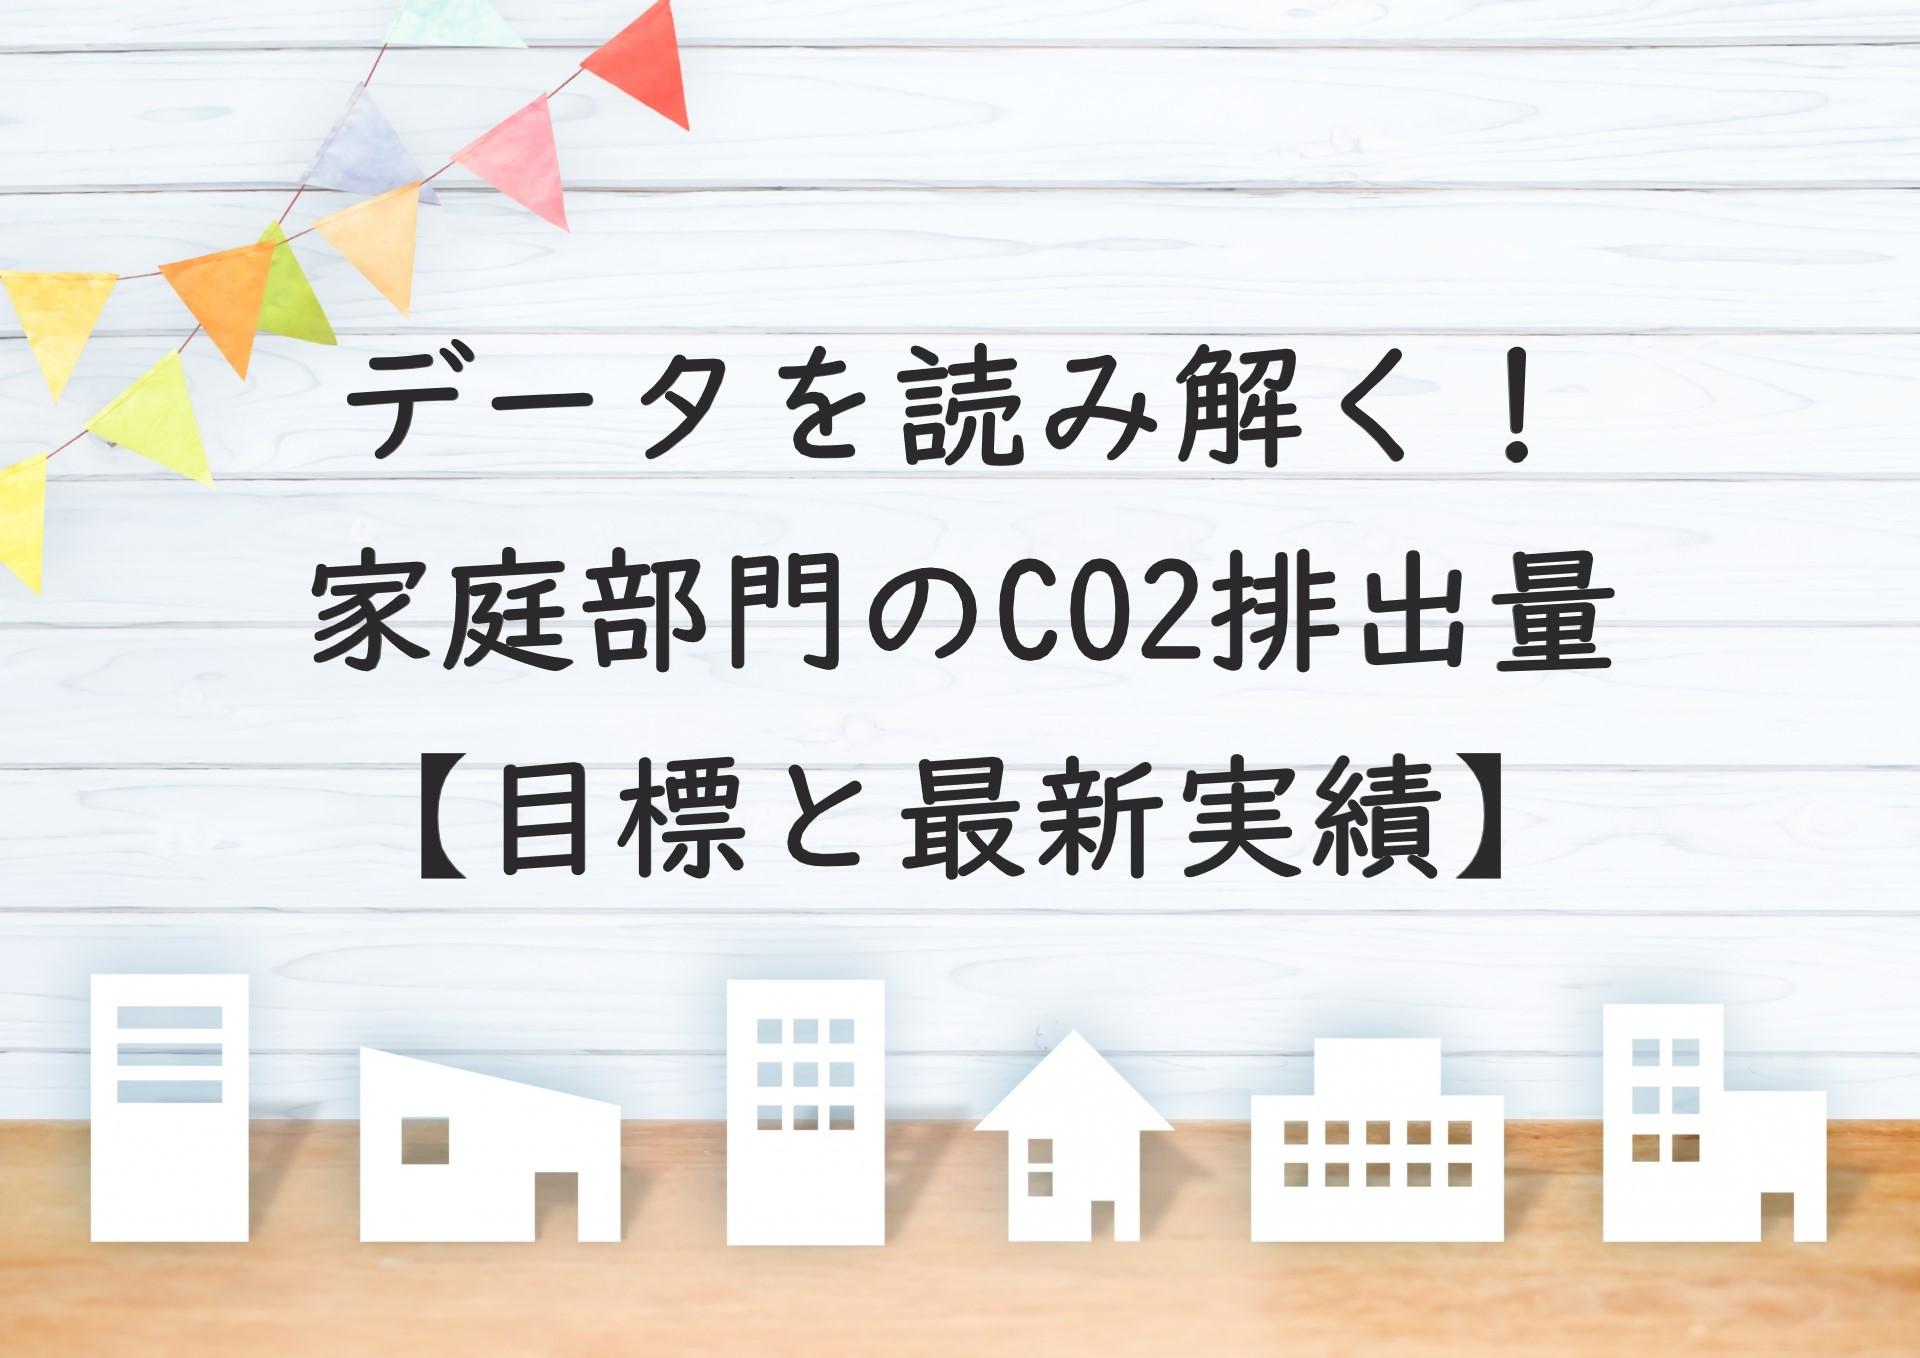 データを読み解く!家庭部門のCO2排出量【目標と最新実績】